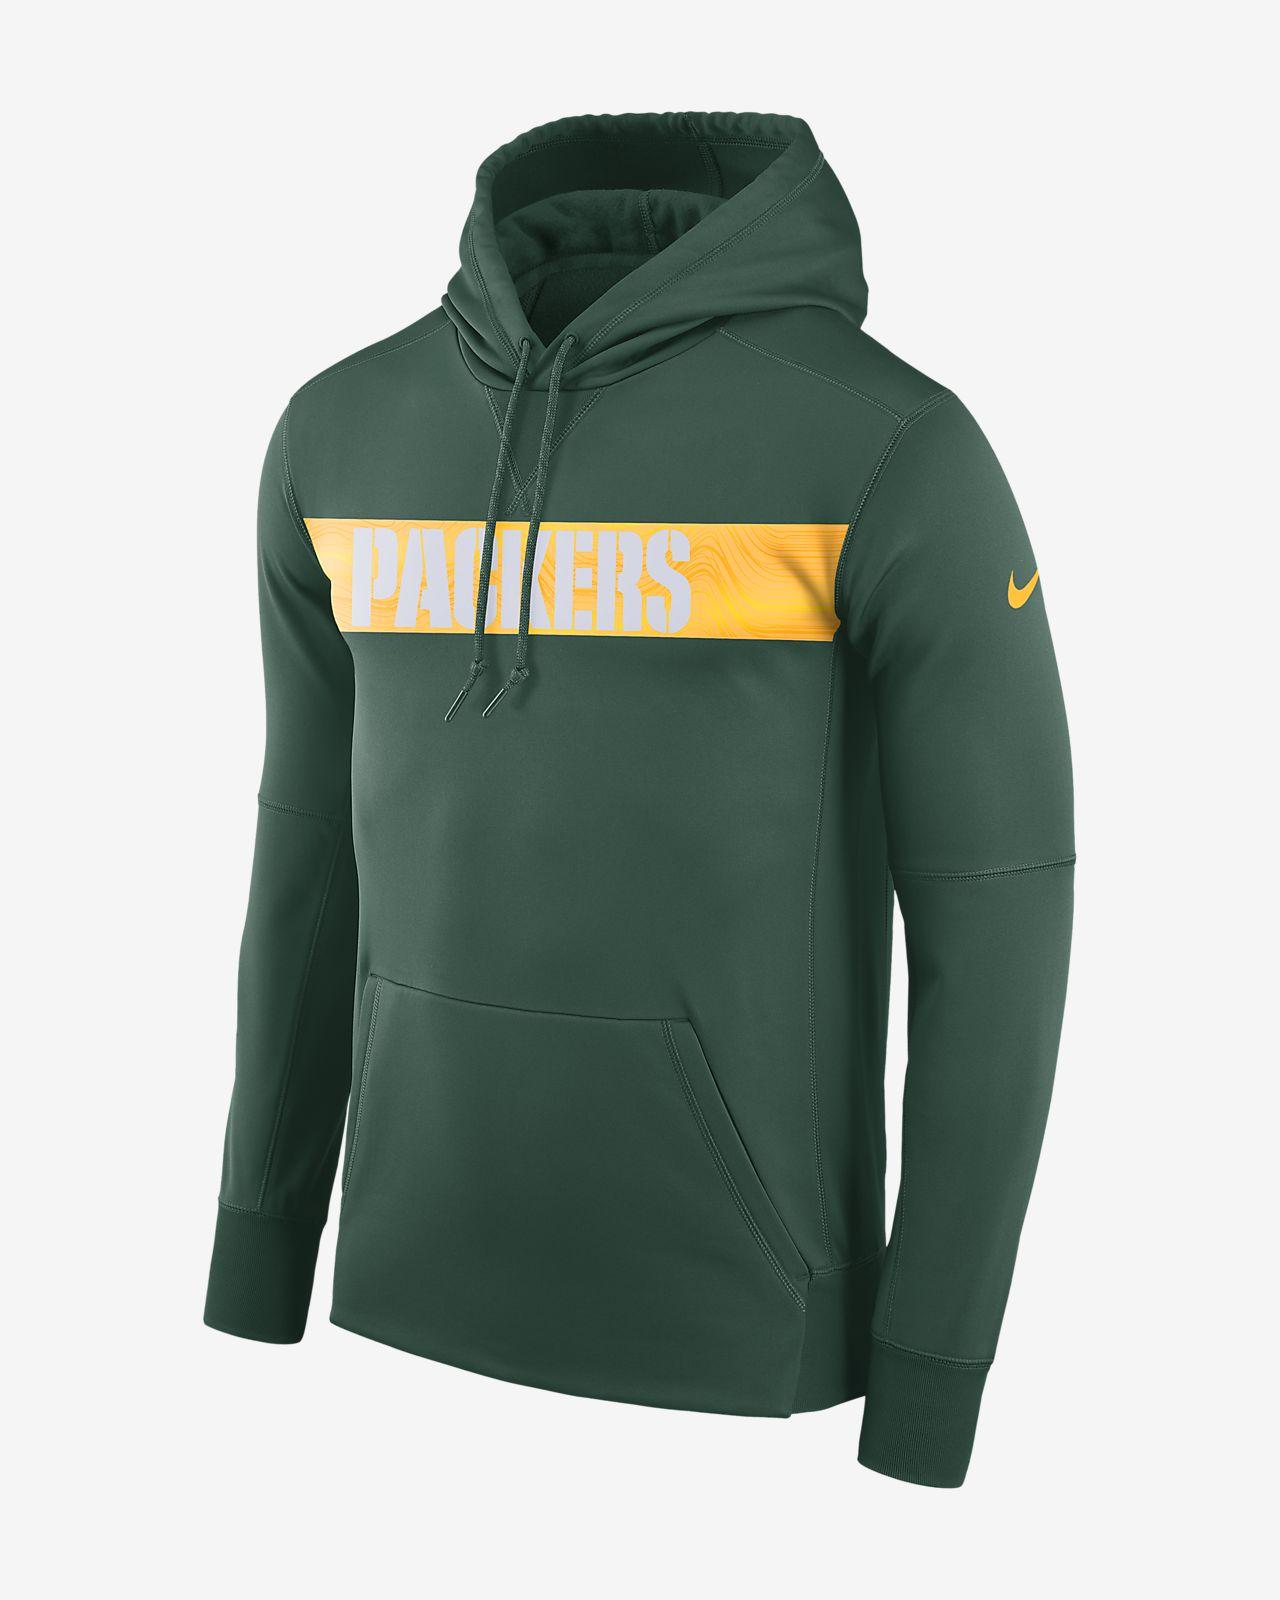 Pánská mikina s kapucí Nike Dri-FIT Therma (NFL Packers)